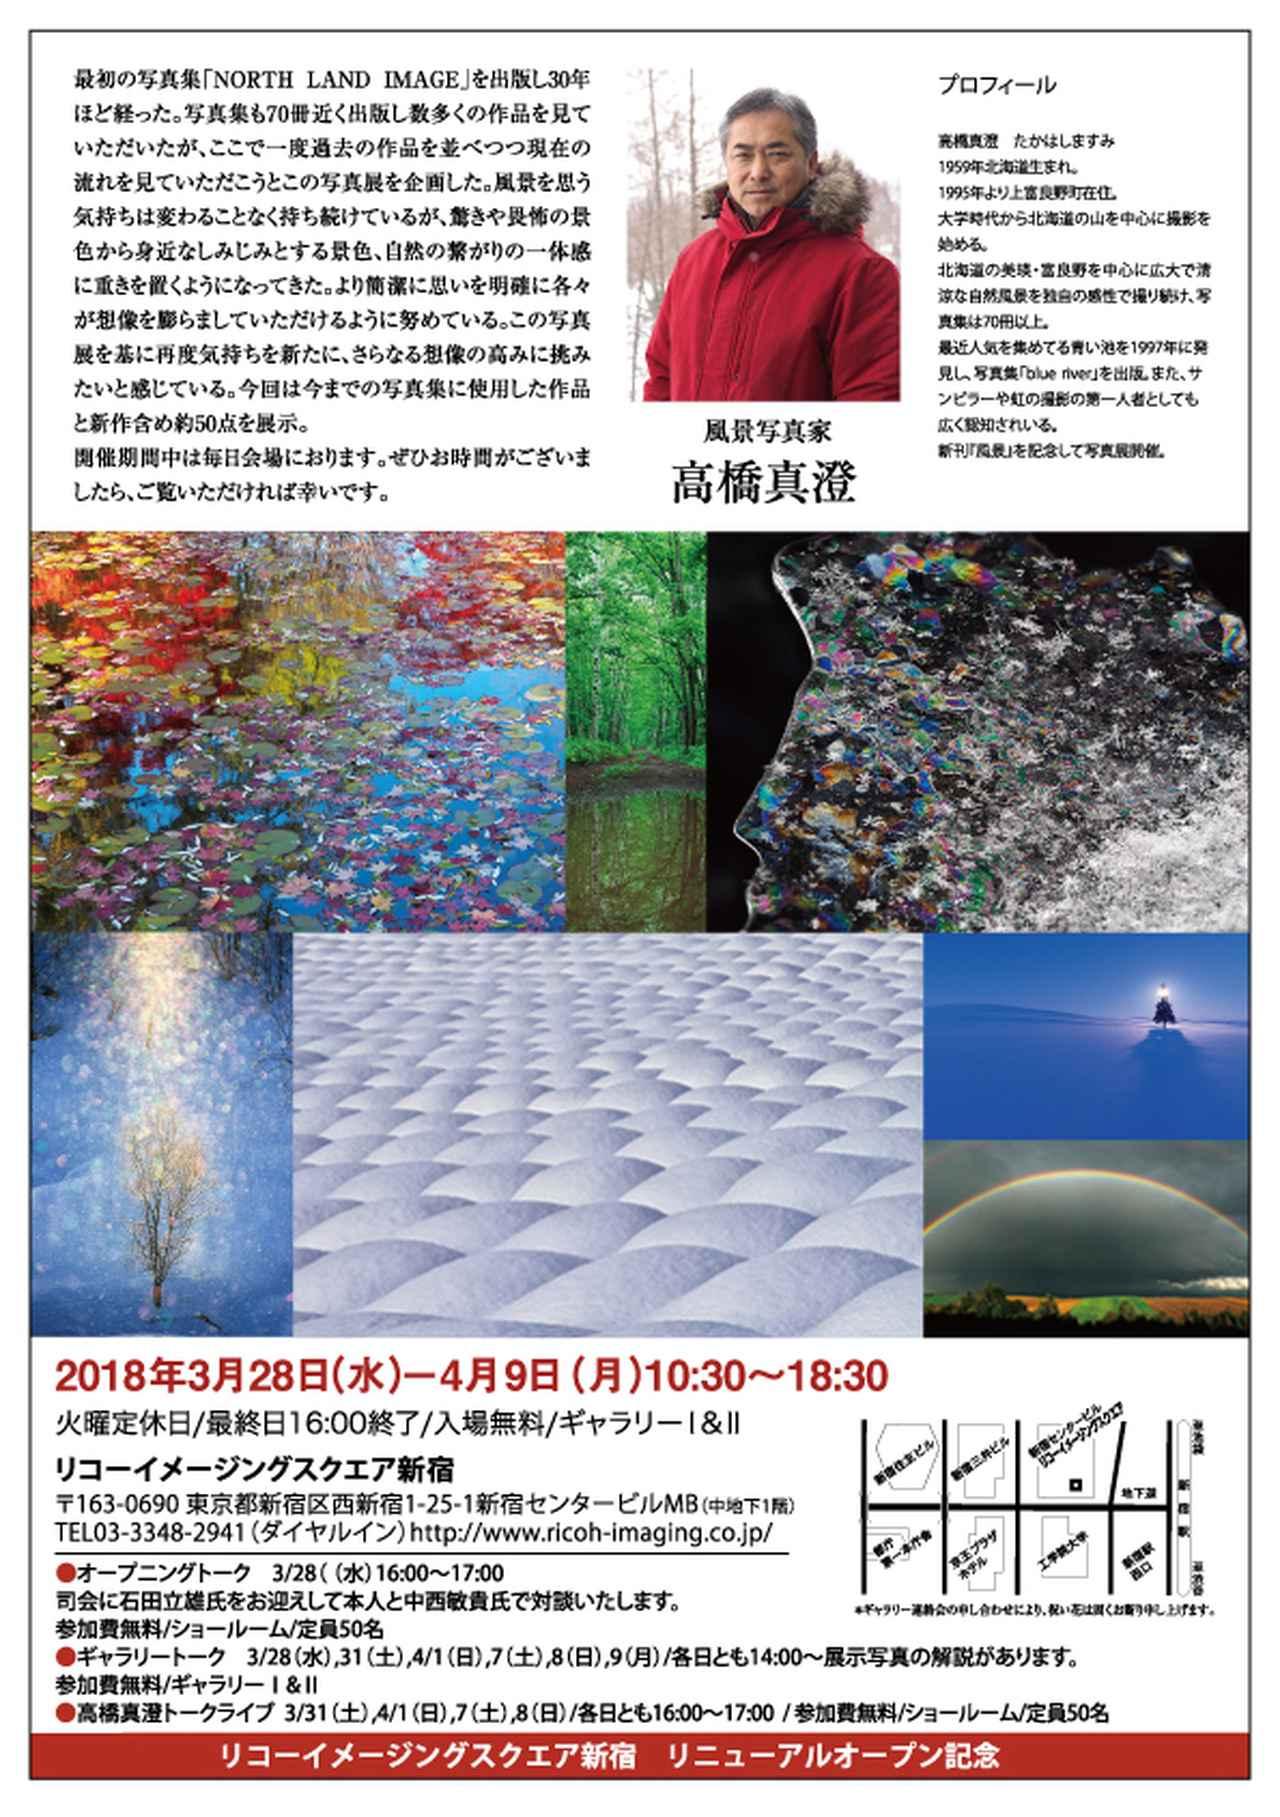 画像: www.ricoh-imaging.co.jp